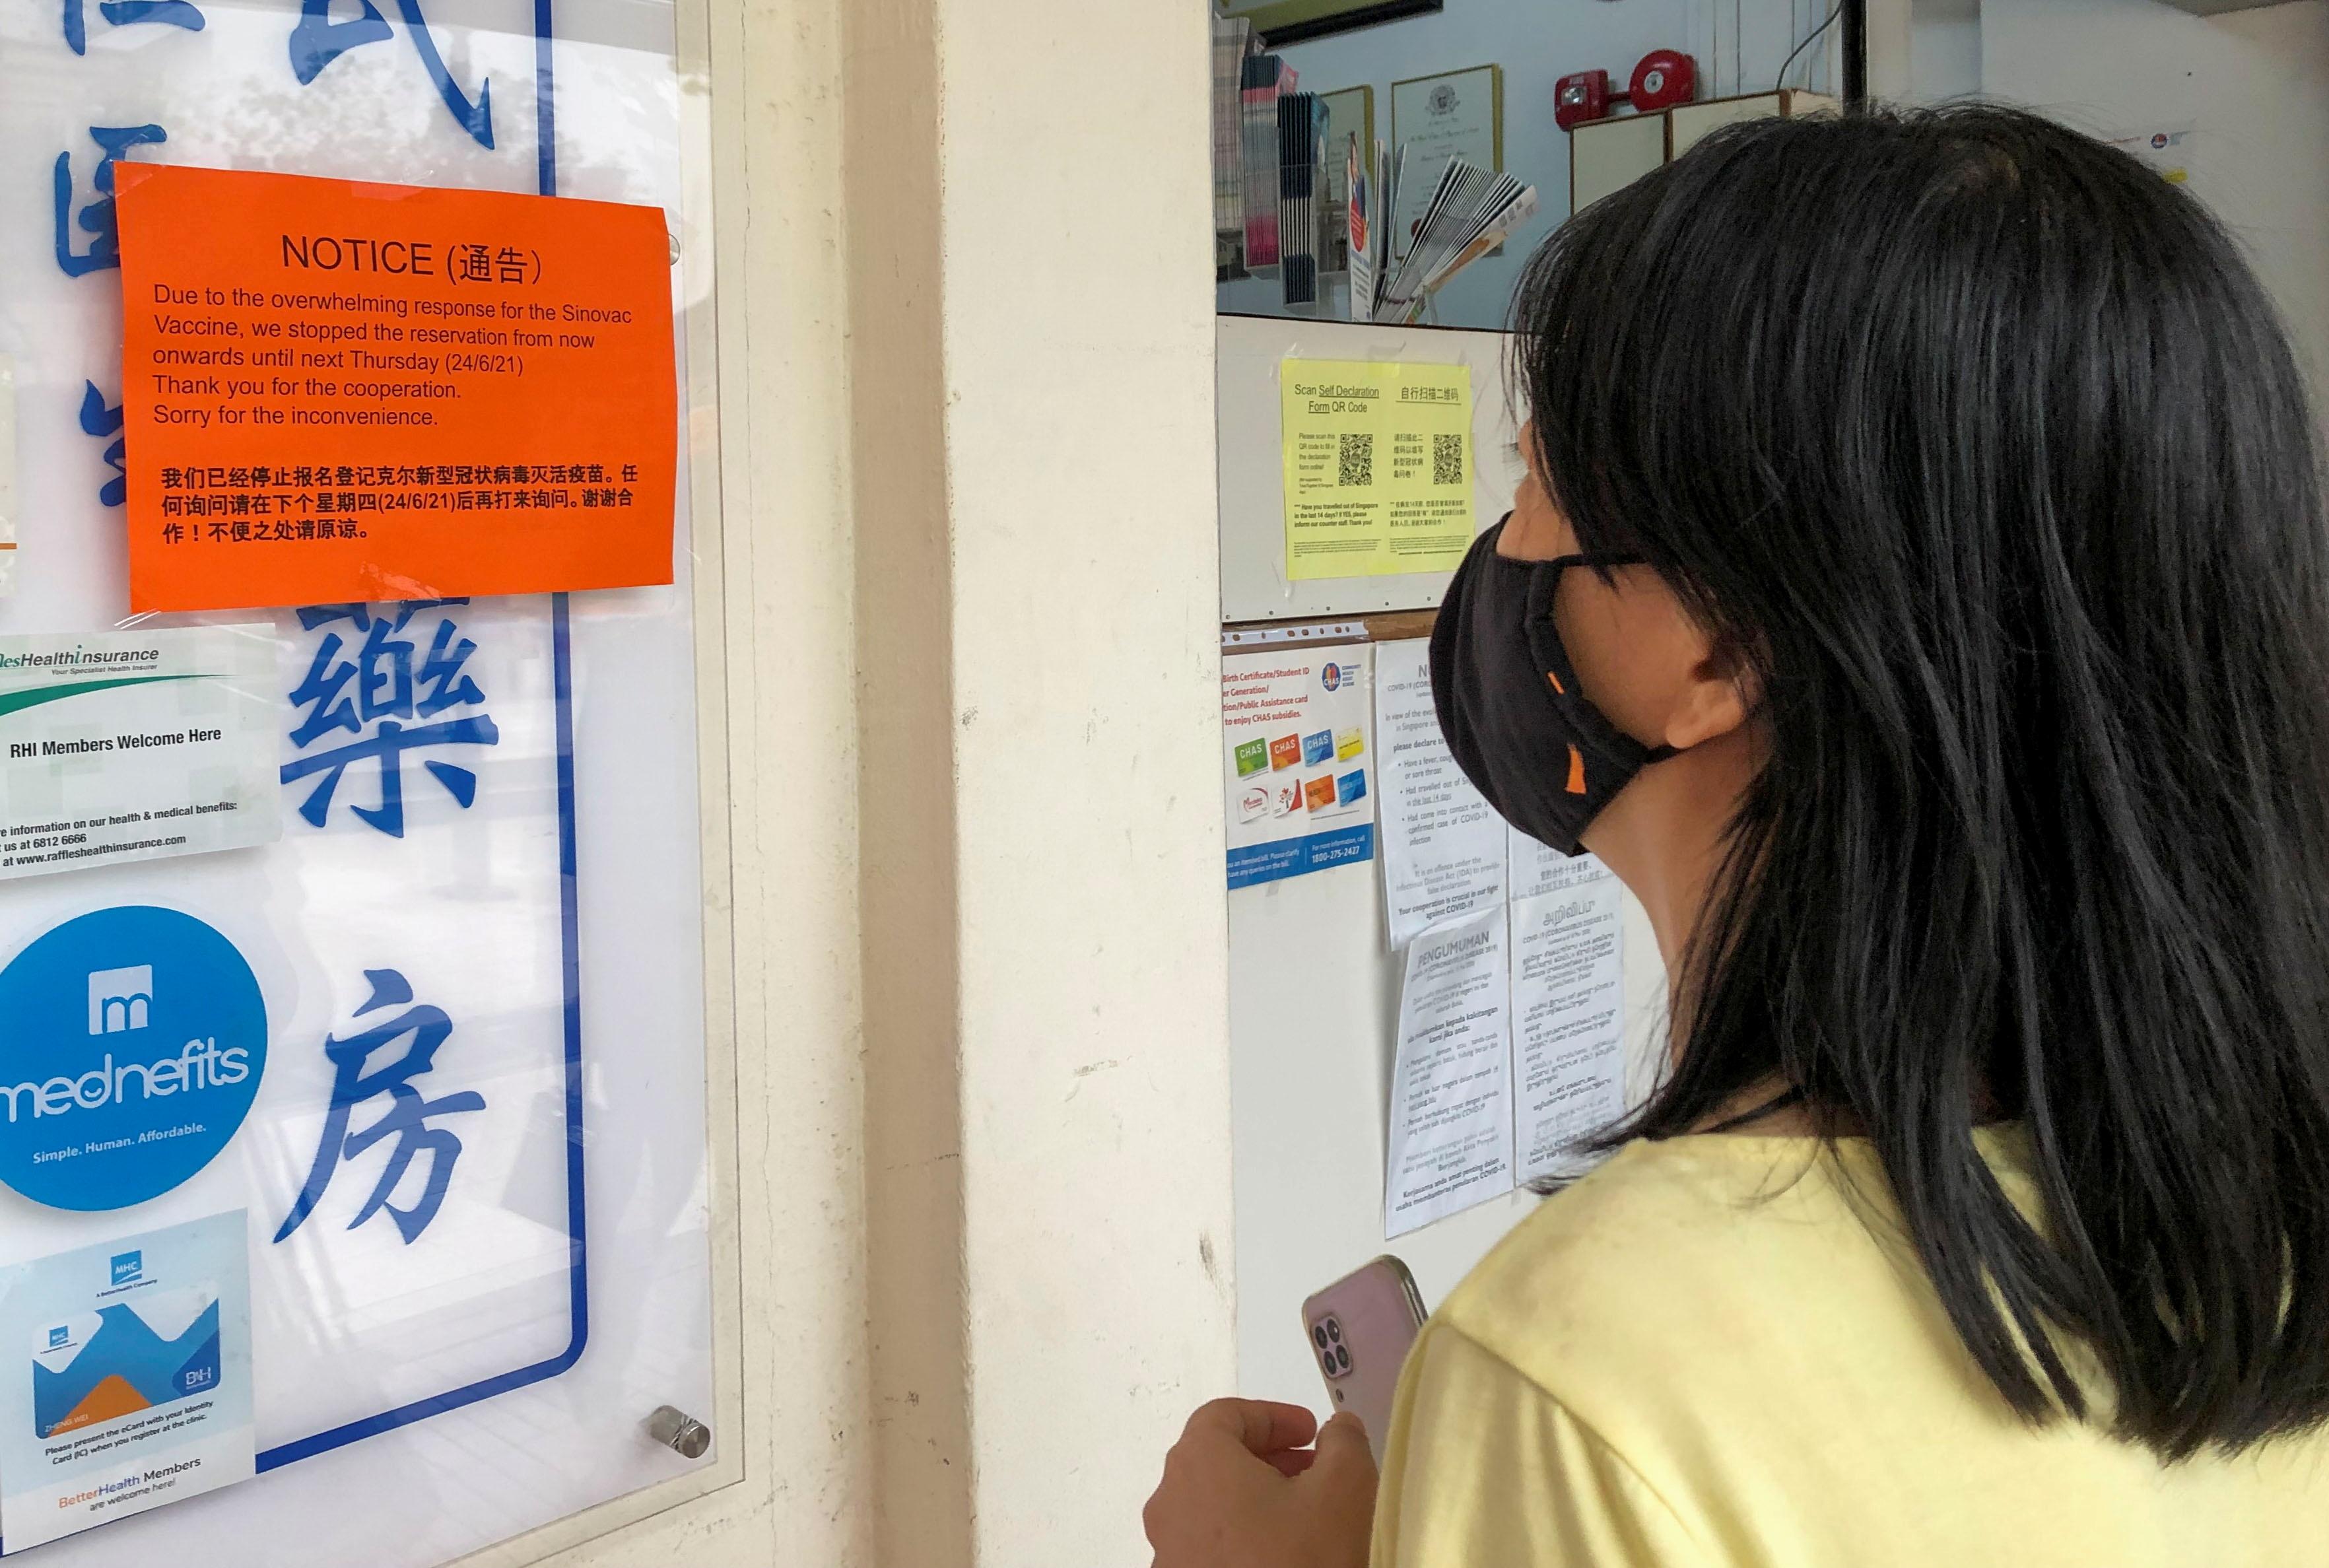 新加坡6月18日开始允许一些私人诊所接种尚未获得监管机构批准的科兴疫苗。-路透社-